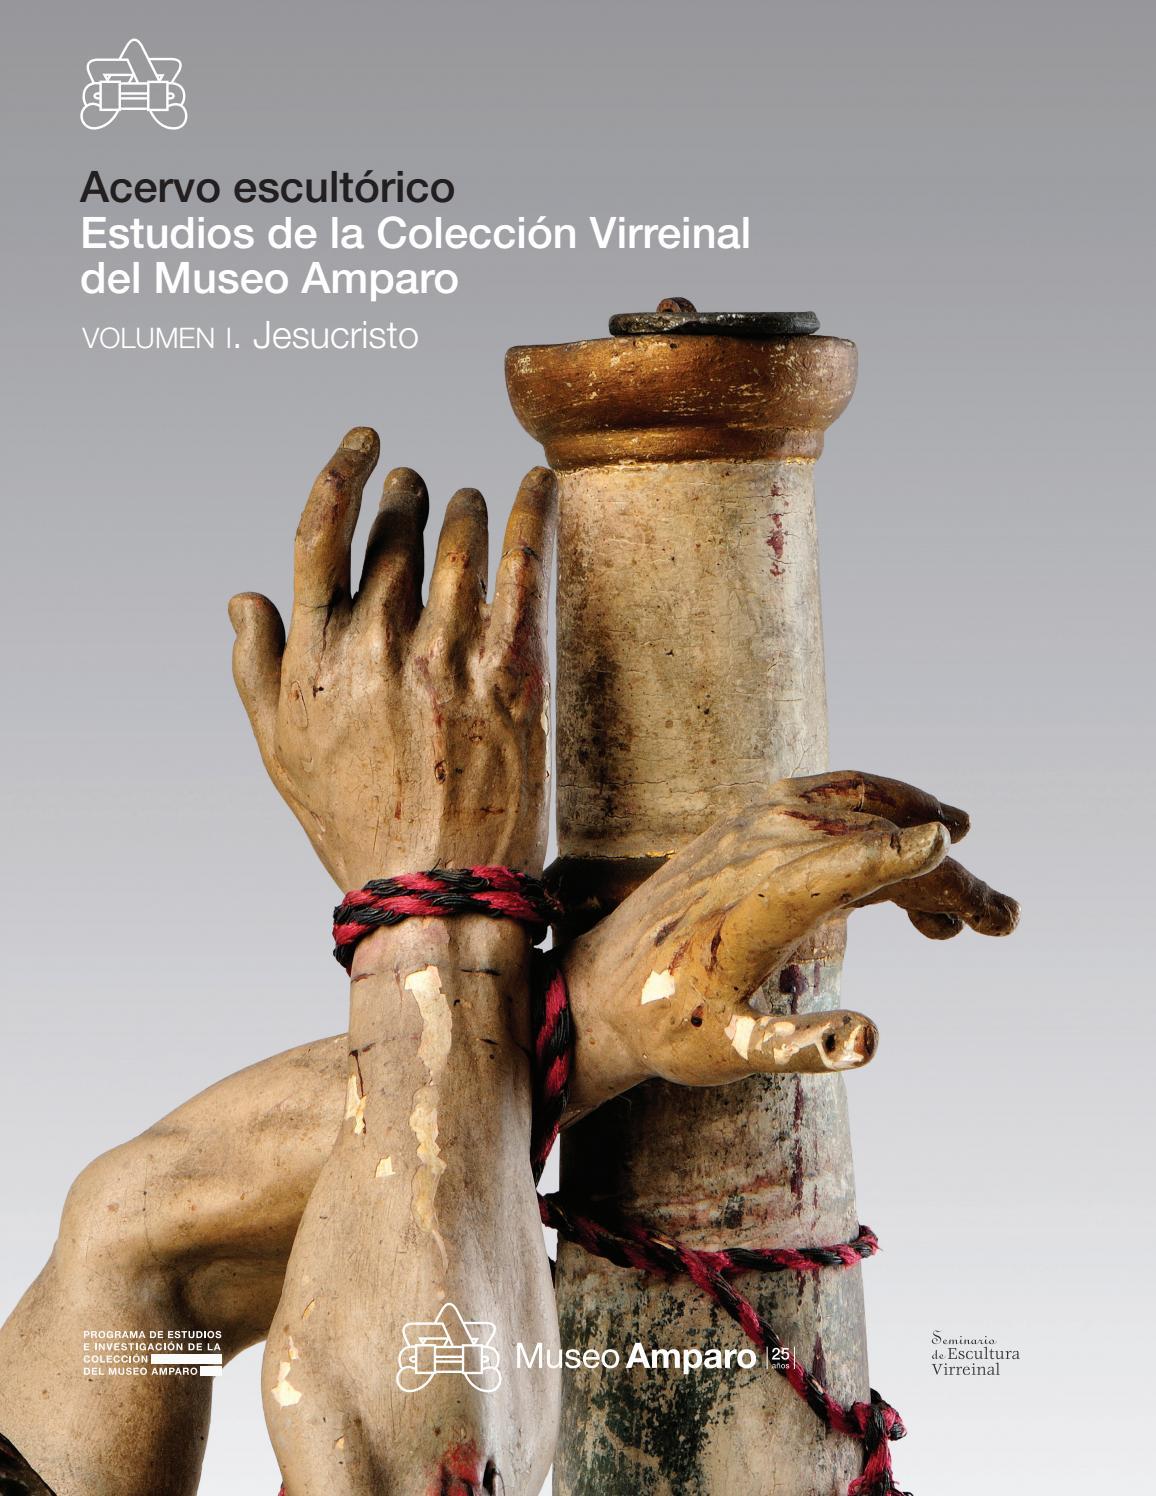 Acervo escultórico Estudios de la Colección Virreinal del Museo Amparo.  Volumen I. Jesucristo by Museo Amparo - issuu